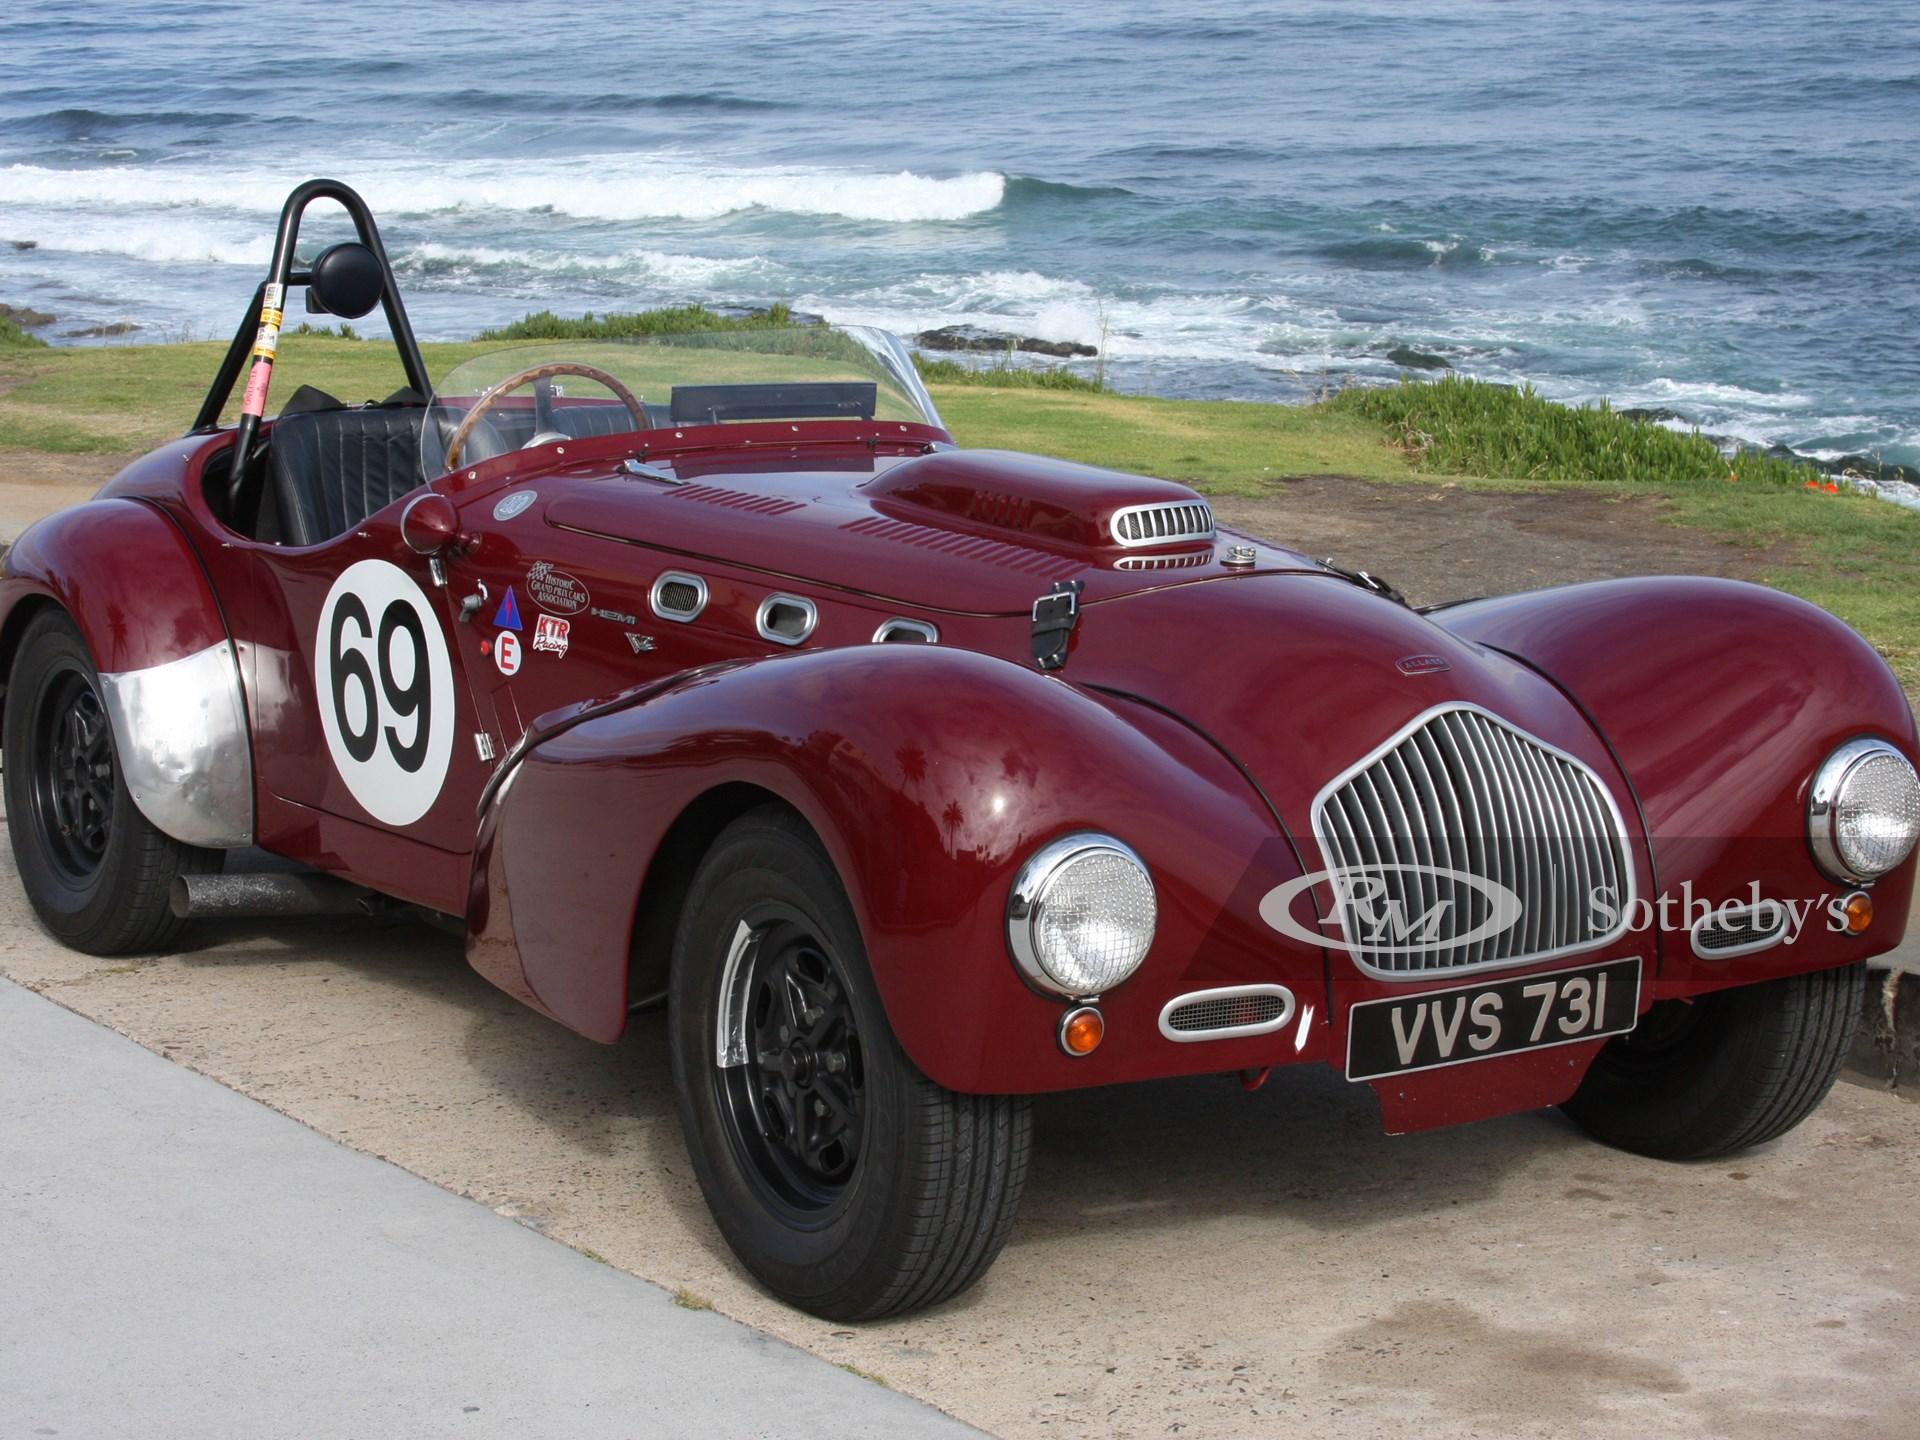 1952 Allard K2 'Factory Special' Roadster